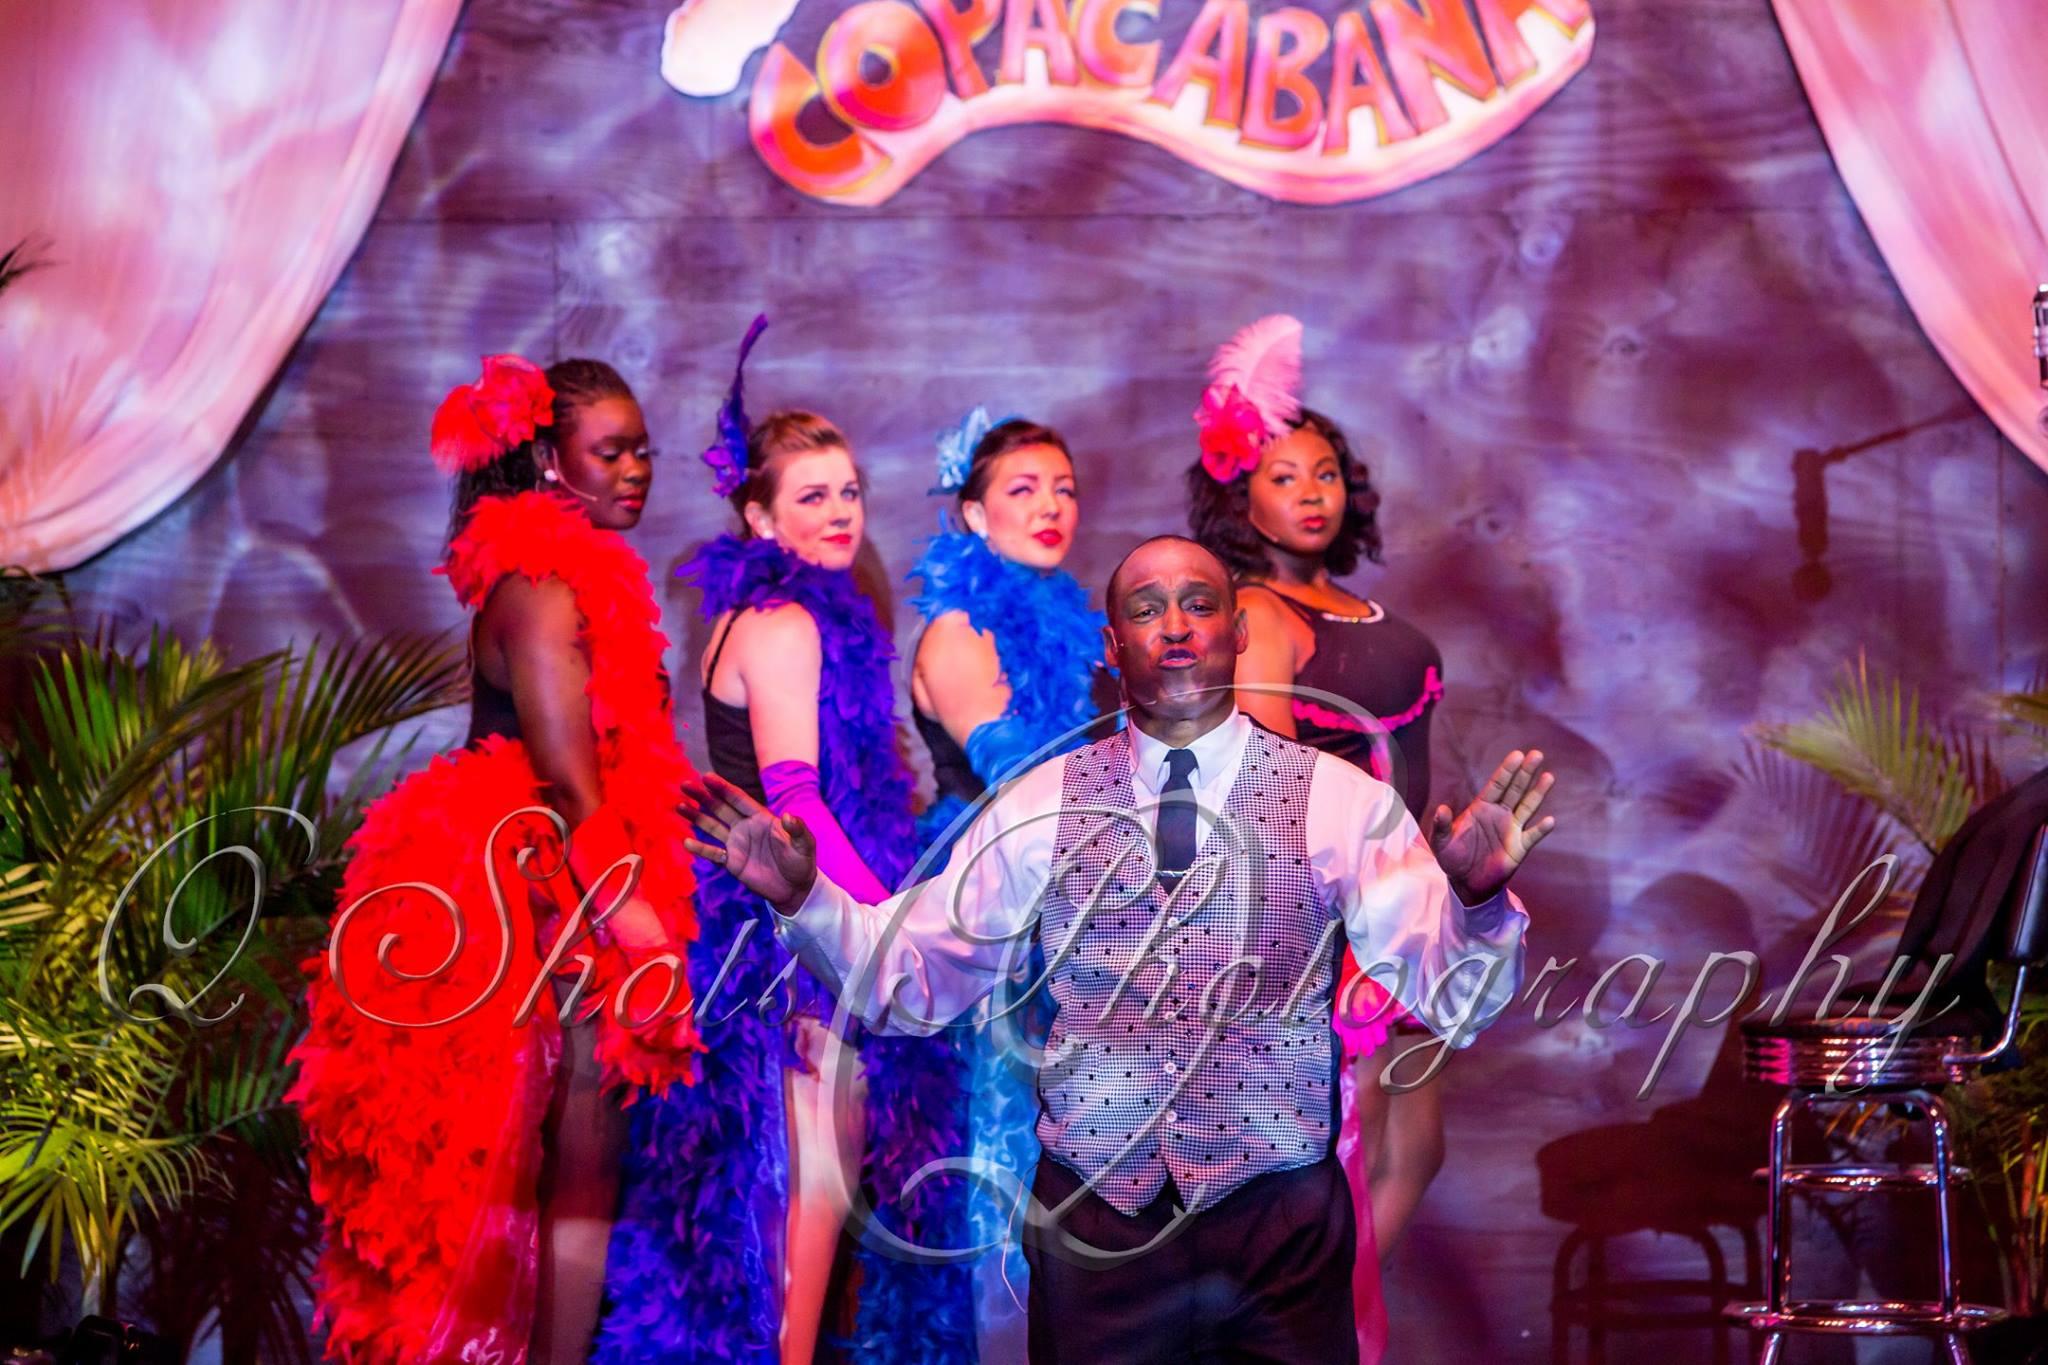 SouthernBroadway_DinnerTheater_Performs_Samand Girls.jpg